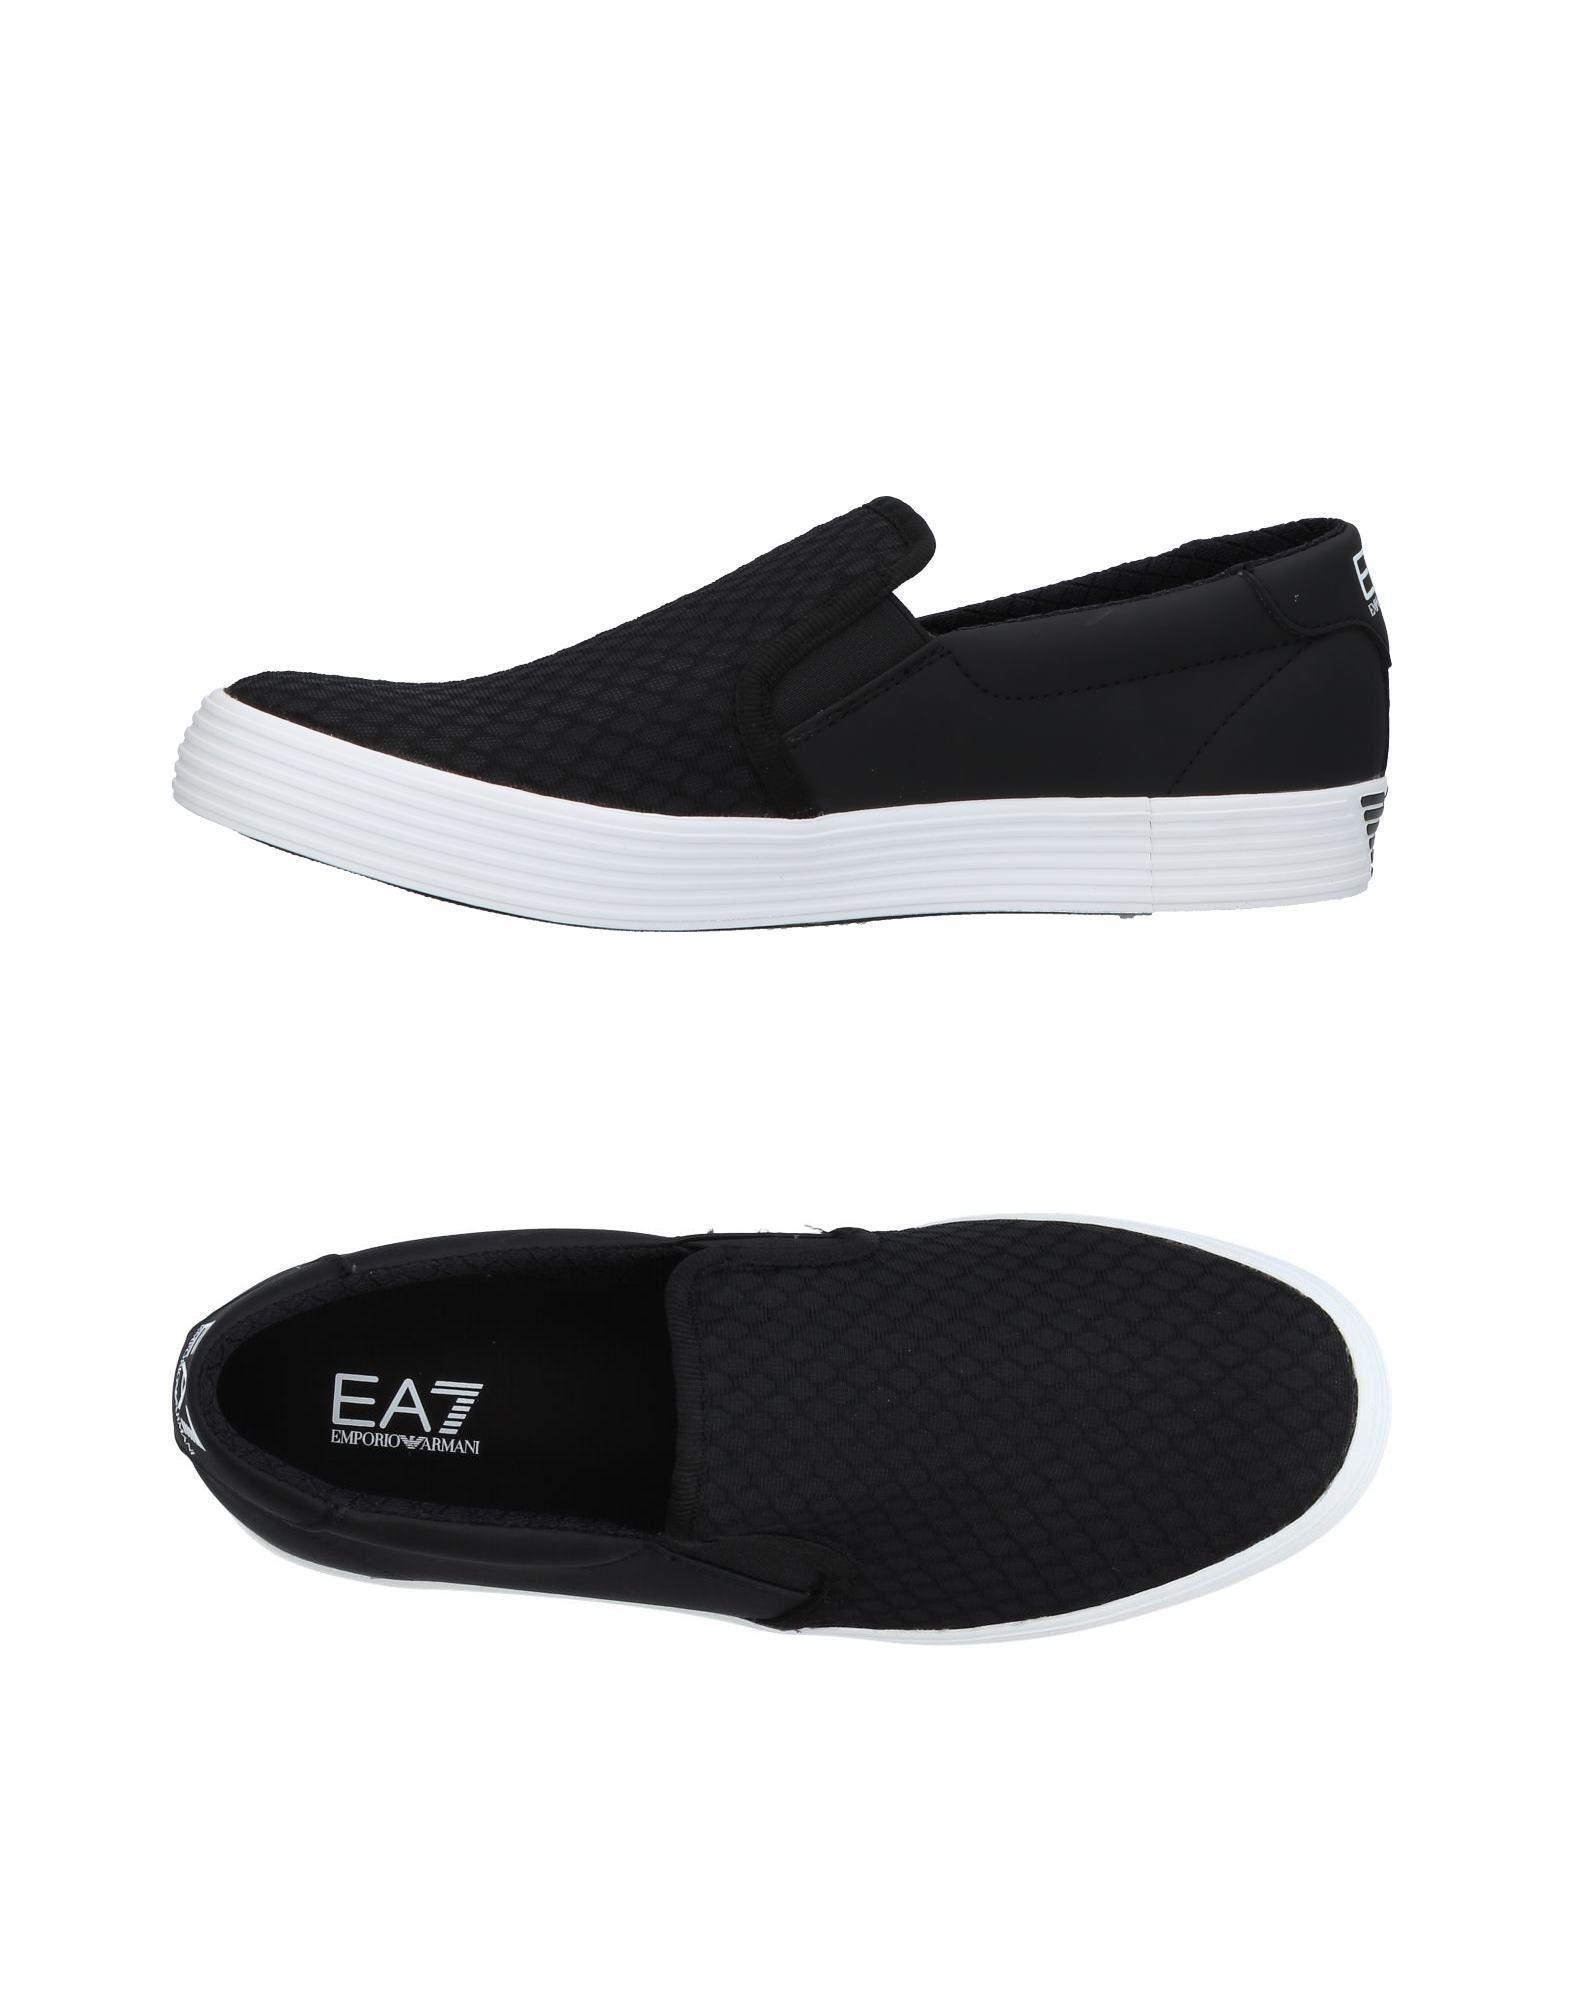 Sneakers Ea7 Uomo - 11377422RV elegante